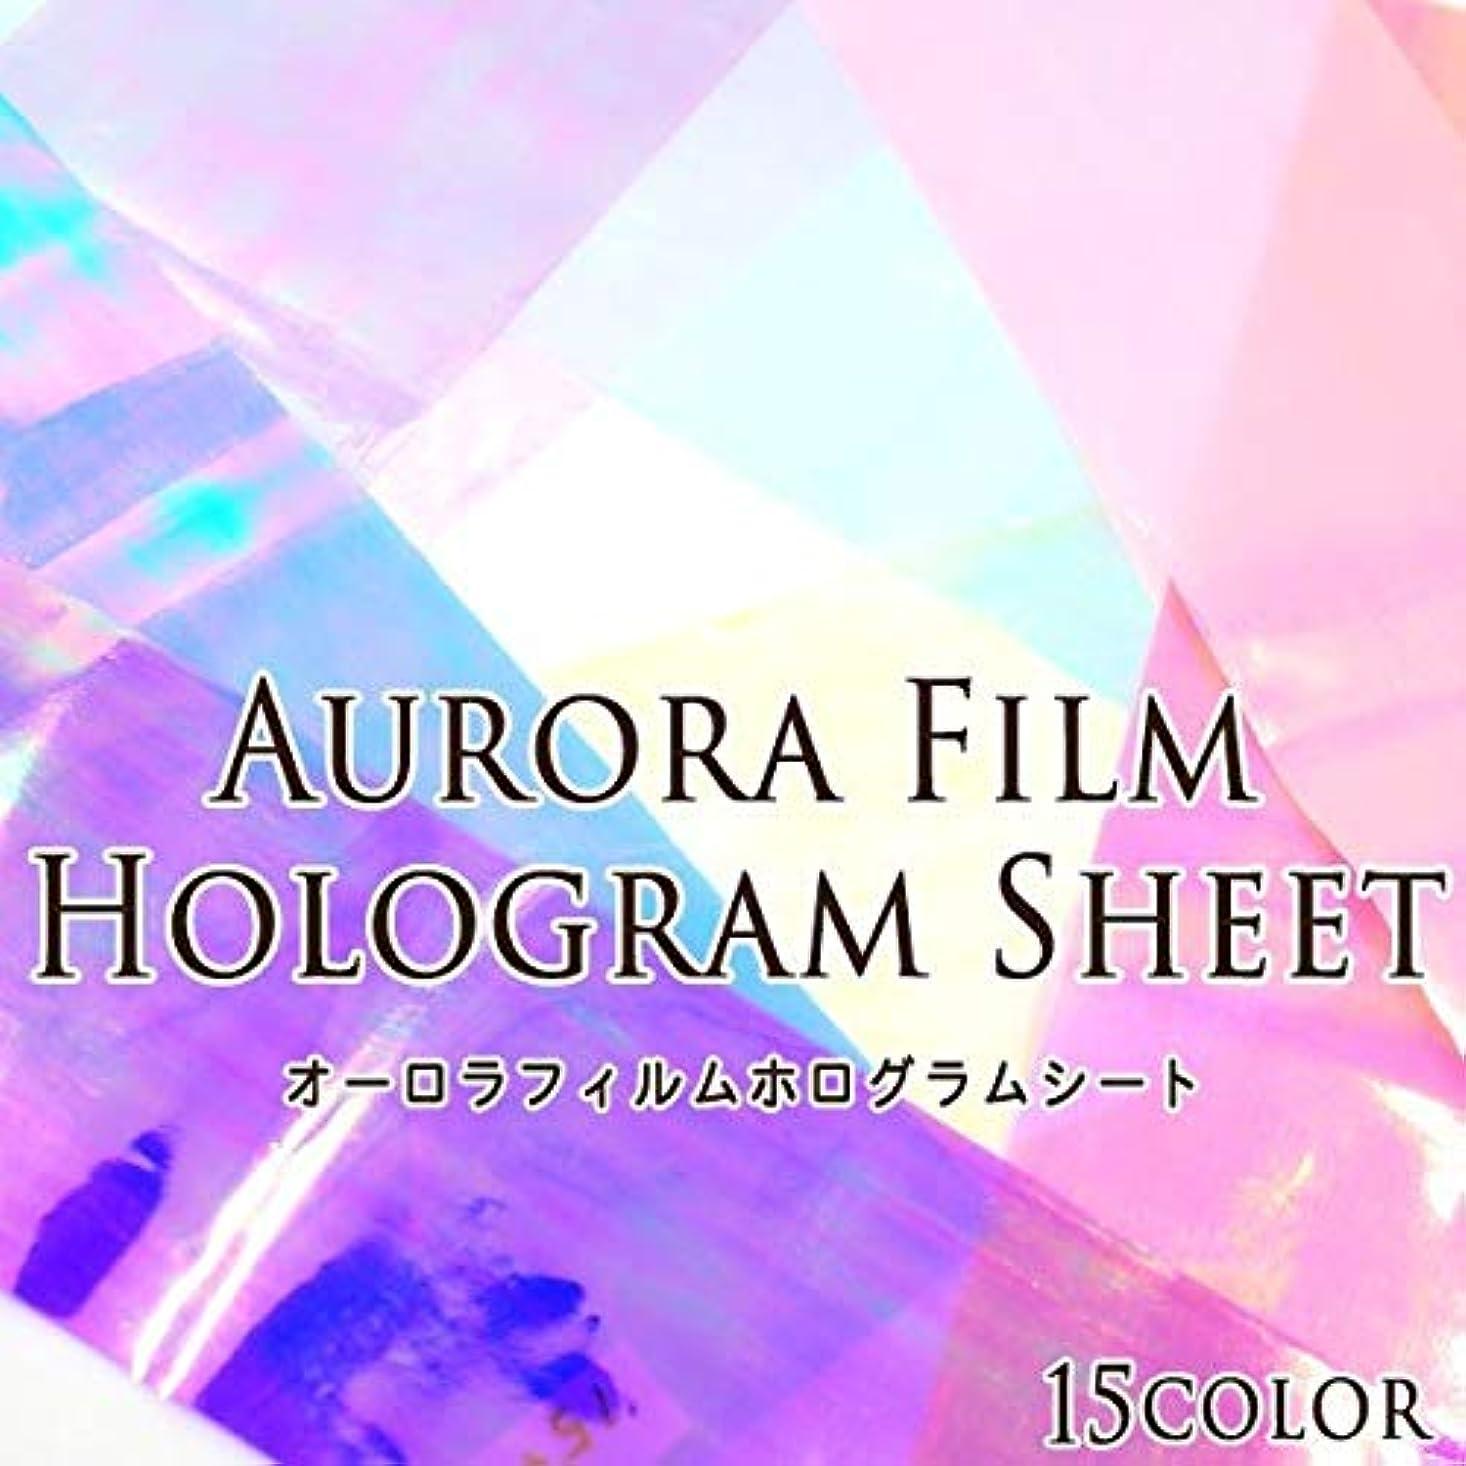 シャッター心配ちらつきオーロラフィルム ホログラムシート 1枚入 (7.レッド 12#)